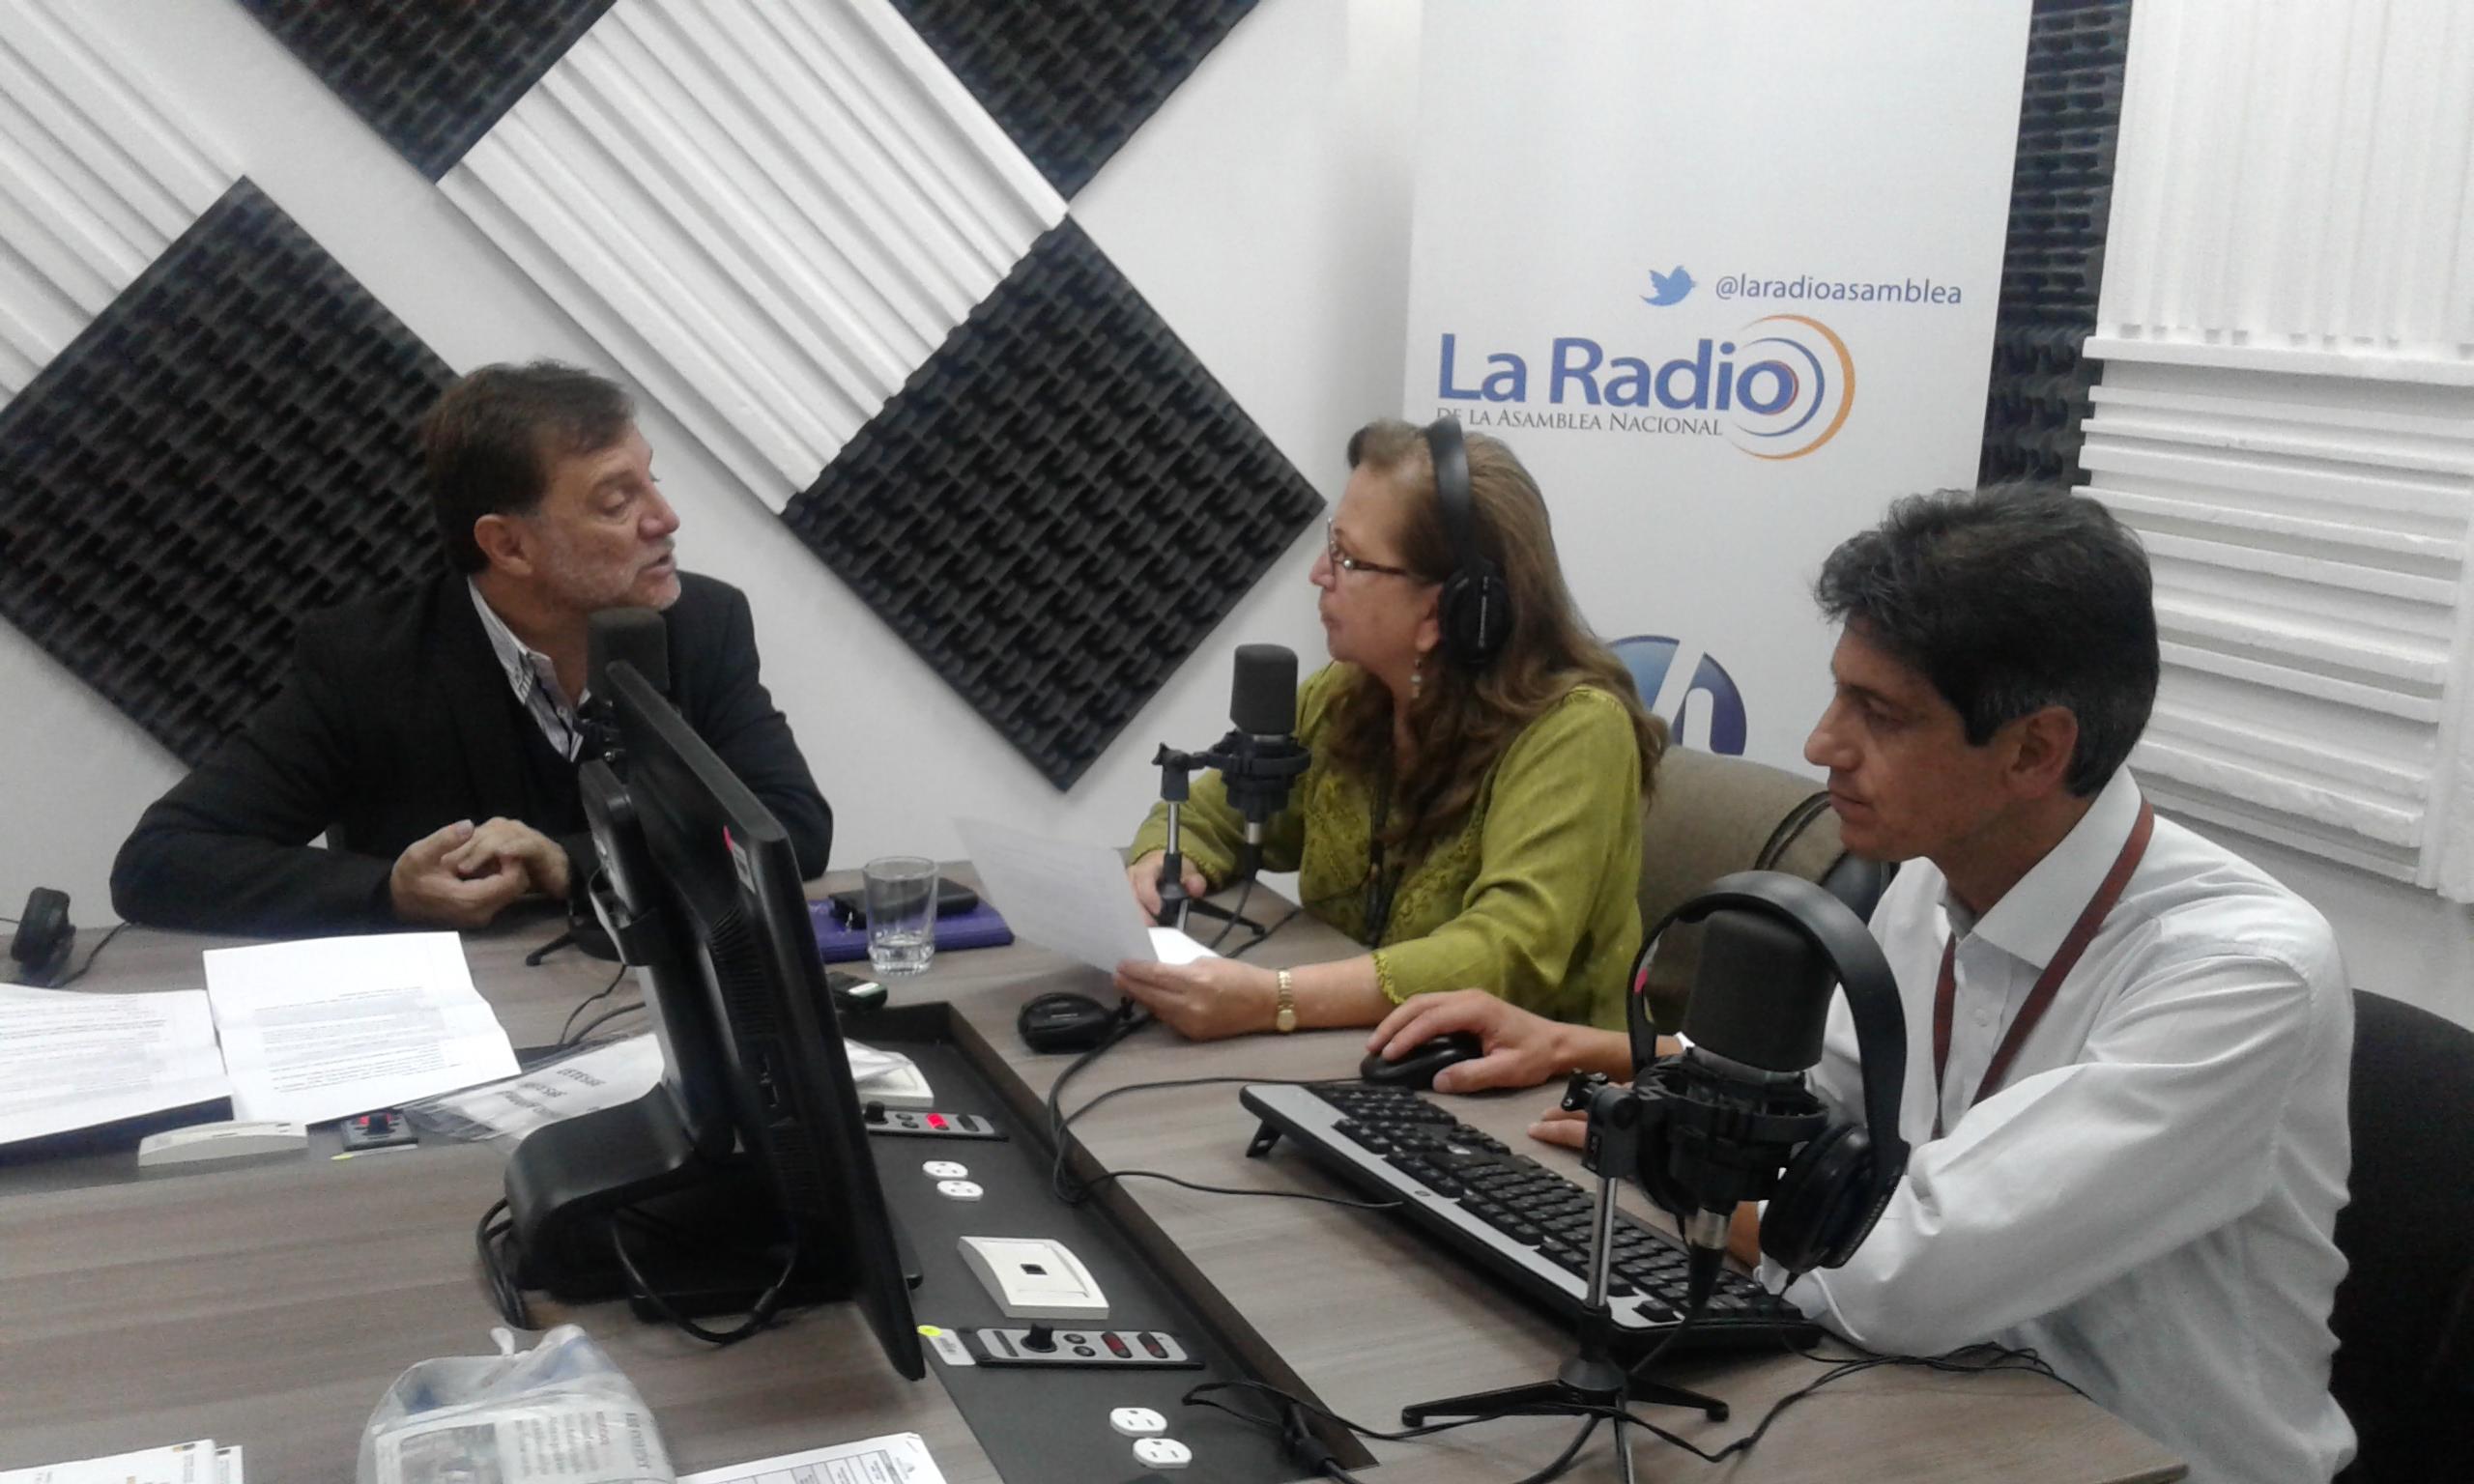 ENTREVISTAS: PABLO JURADO / PEDRO PAEZ